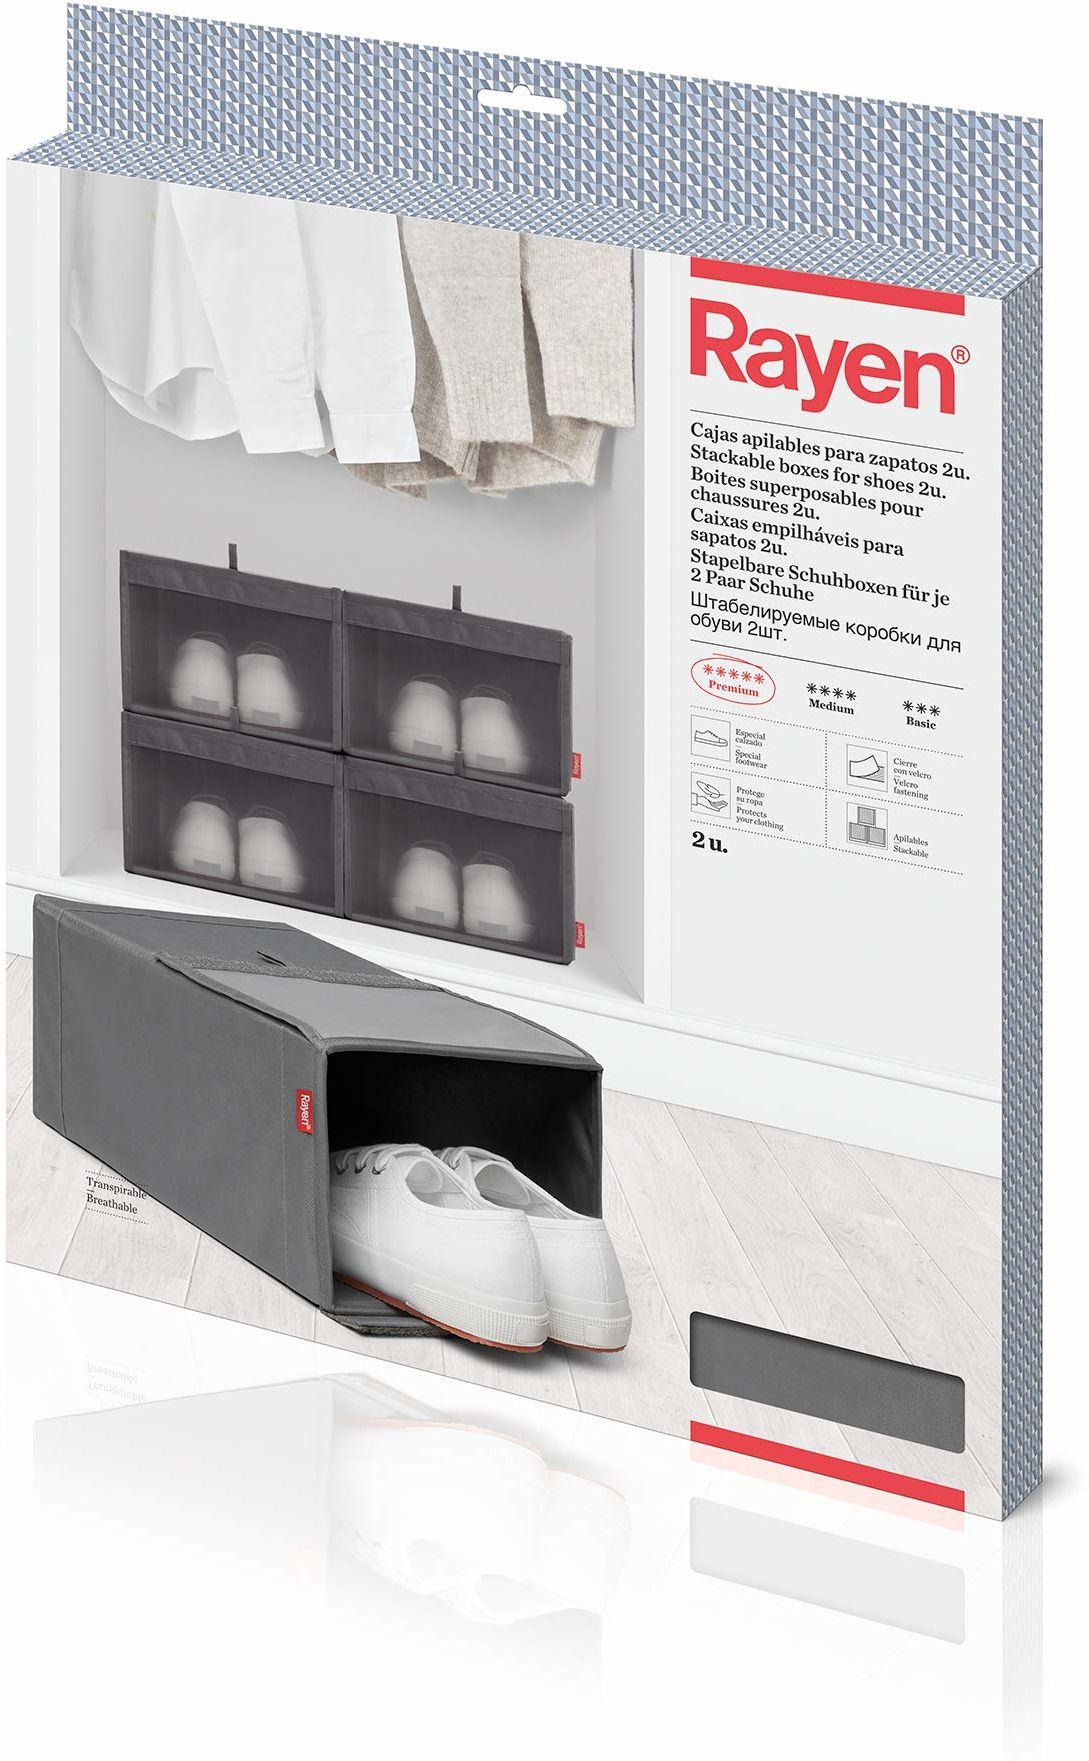 Rayen Skrzynki na buty, można układać w stos, szare, 23 x 34 x 16 cm